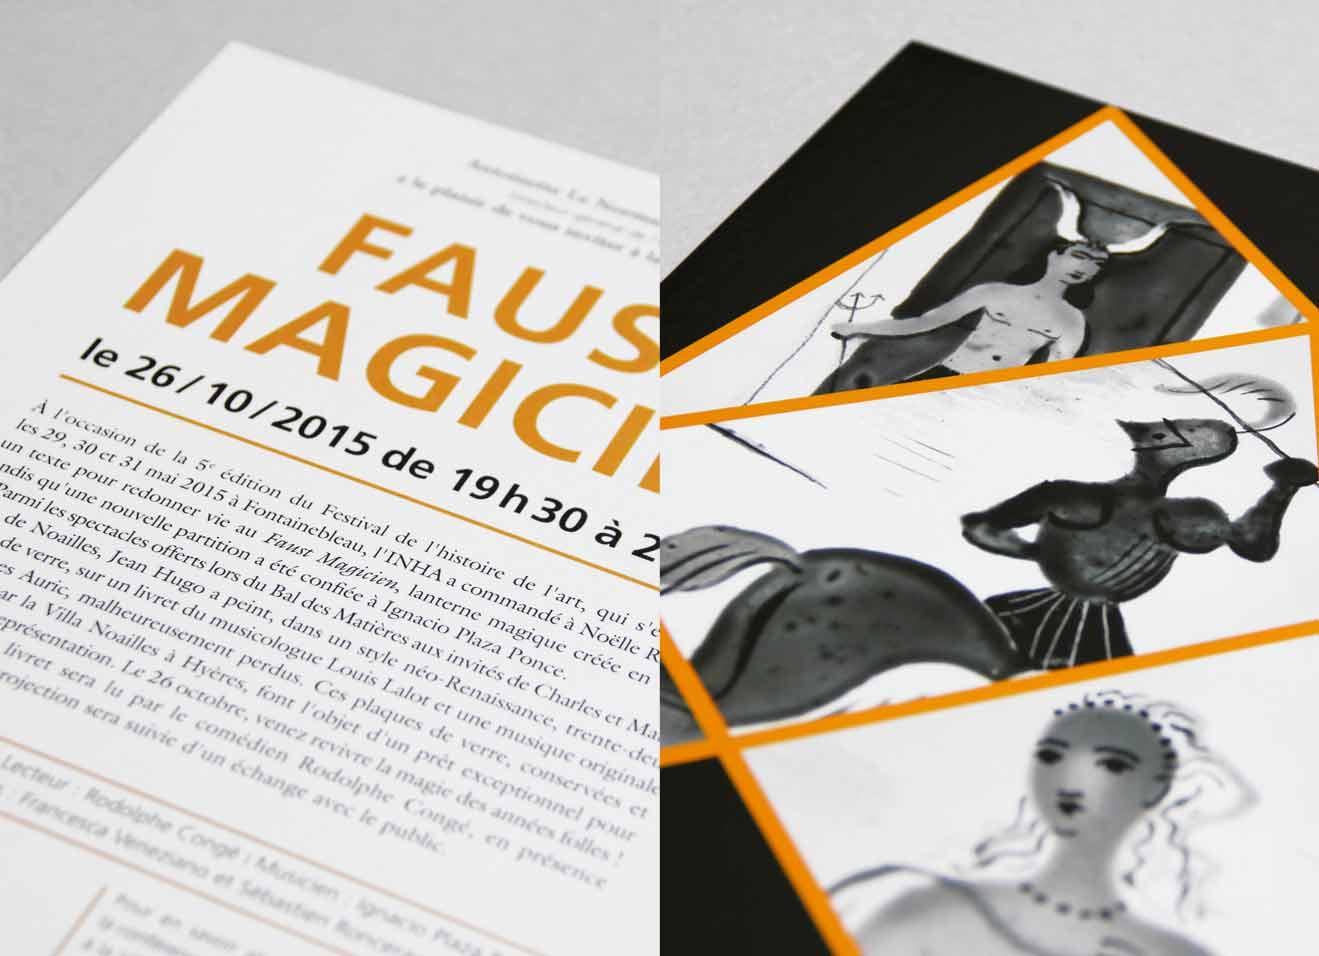 INHA_Lanterne-magique_invitation_1.jpg